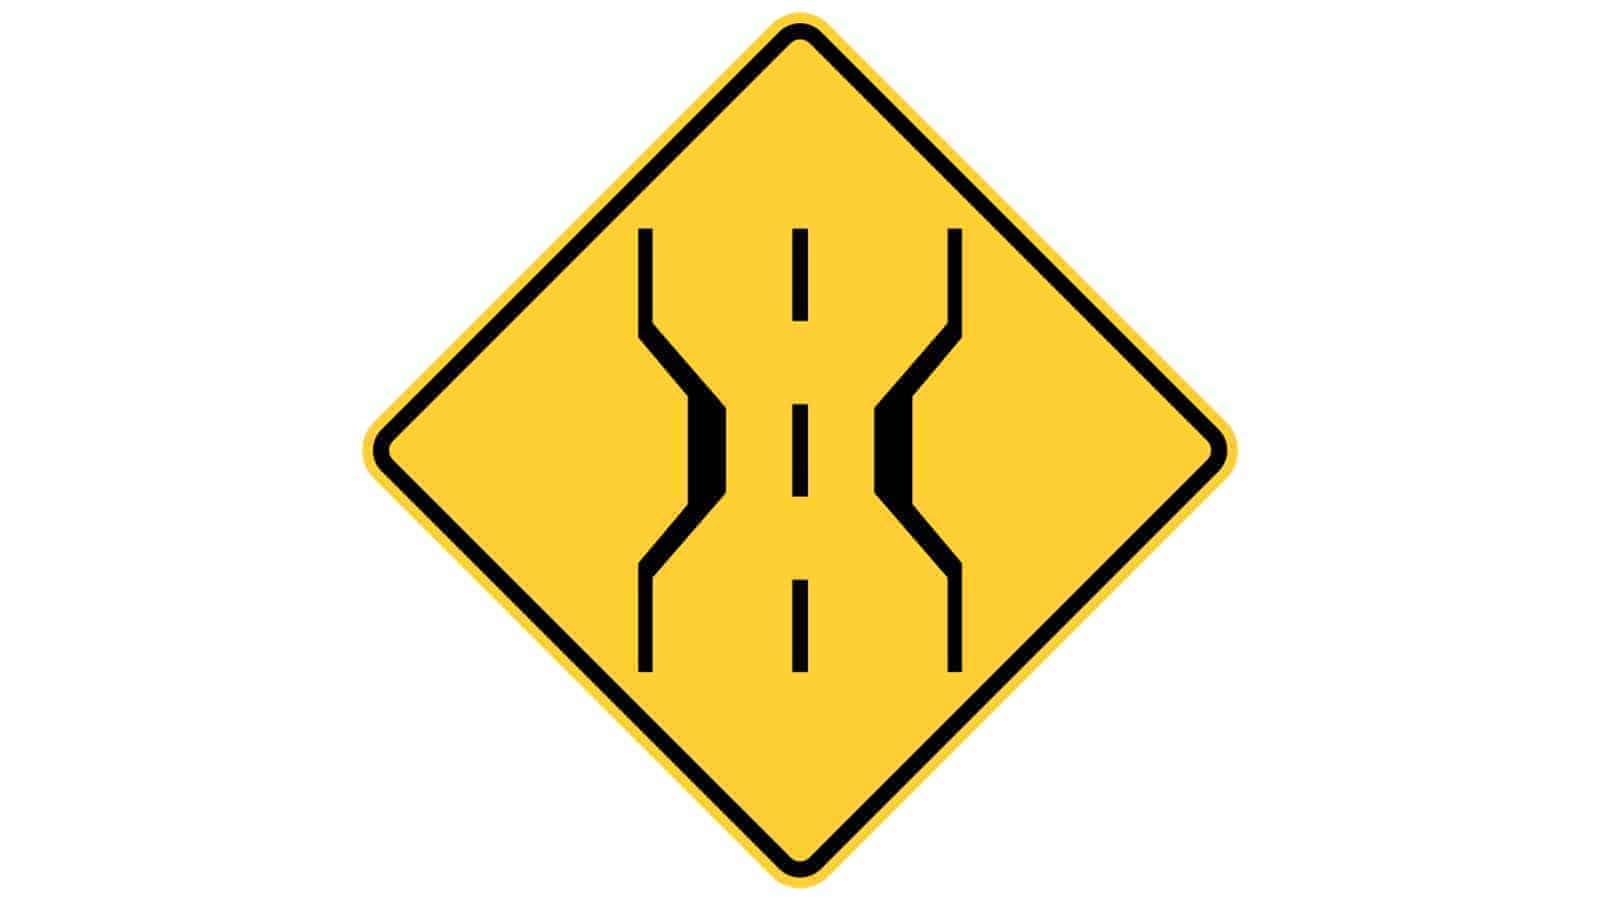 Warning sign narrow bridge ahead